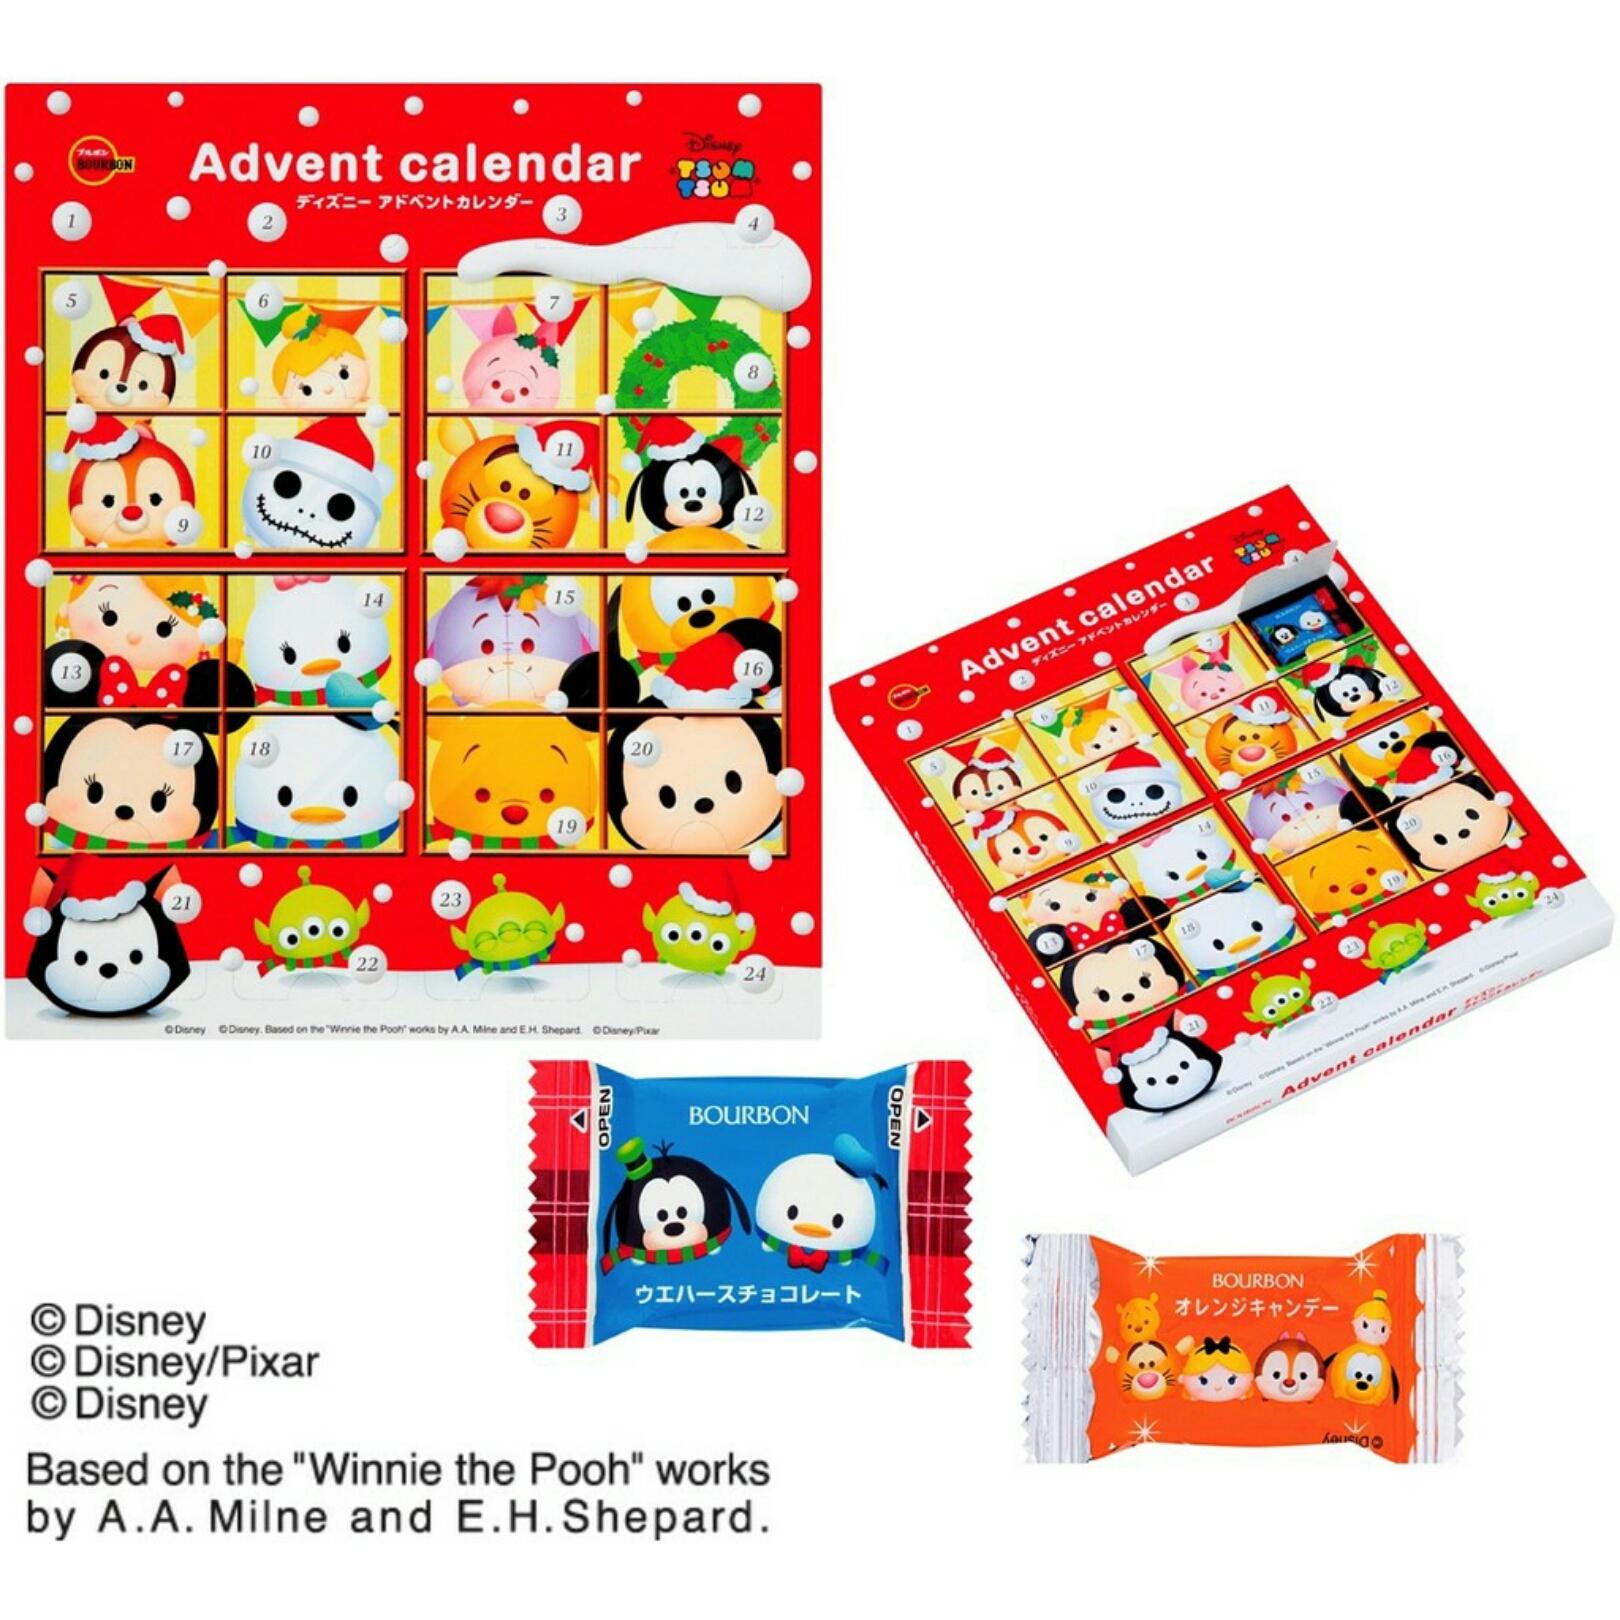 有樂町進口食品 日本進口 聖誕節限定 迪士尼24格戳戳樂160g J345 4901360321865